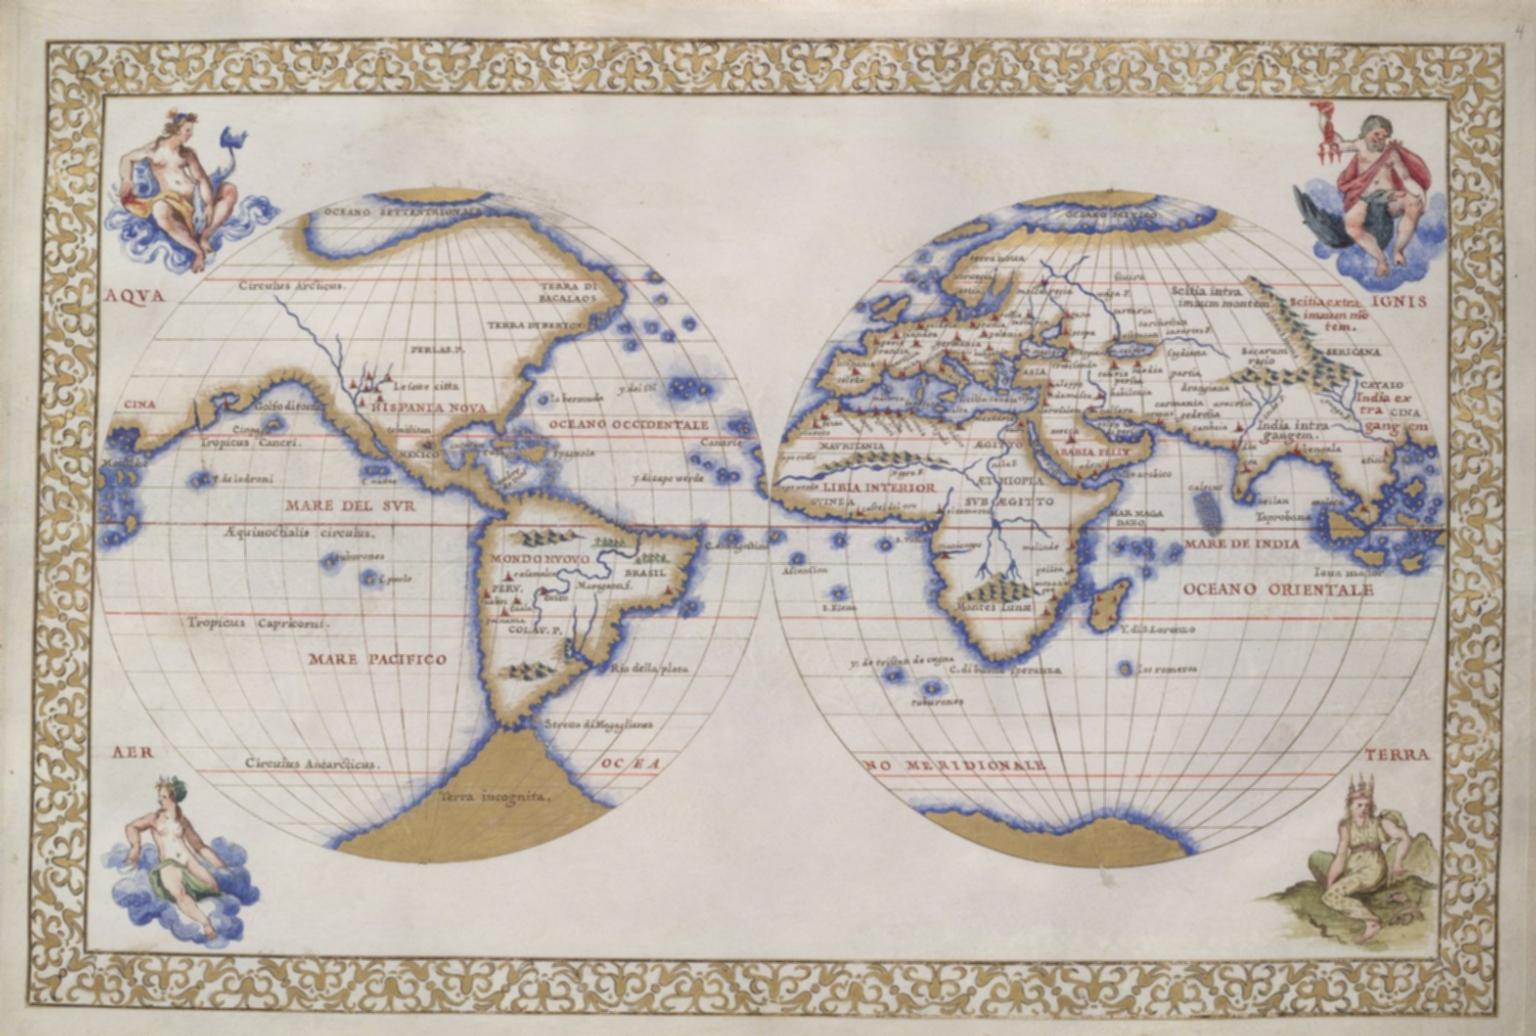 The two hemispheres